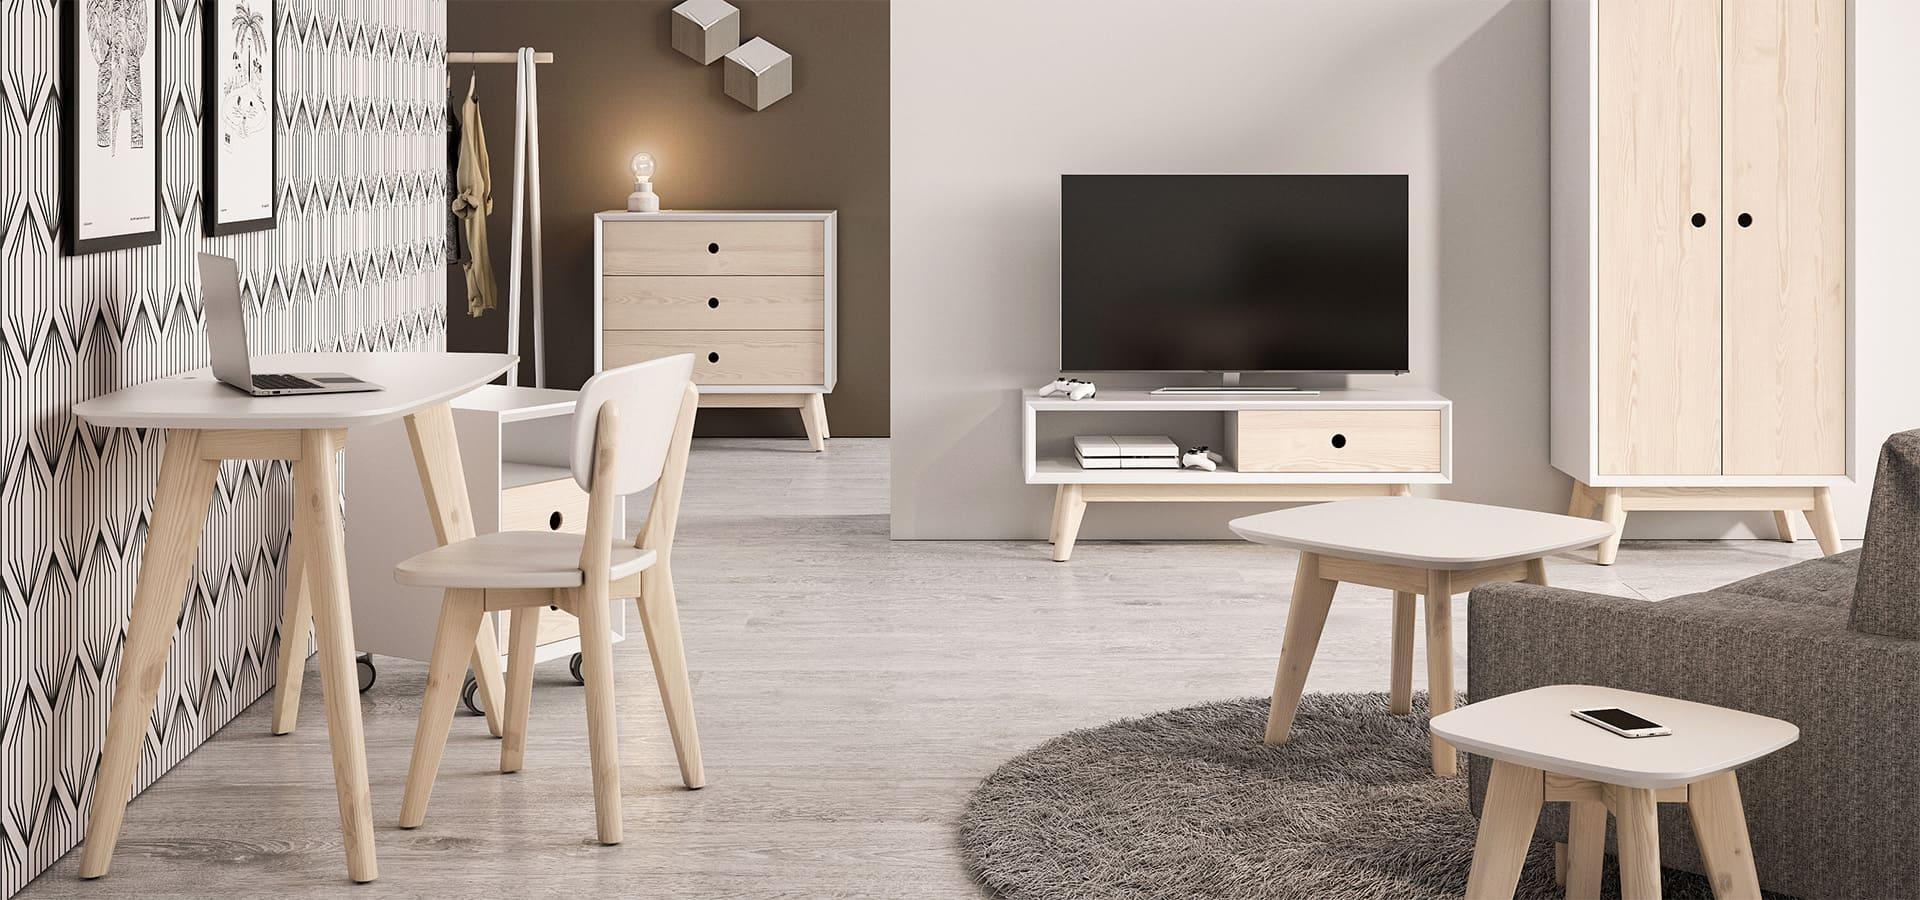 Мебель в скандинавском стиле, Купить эко мебель в Москве ...